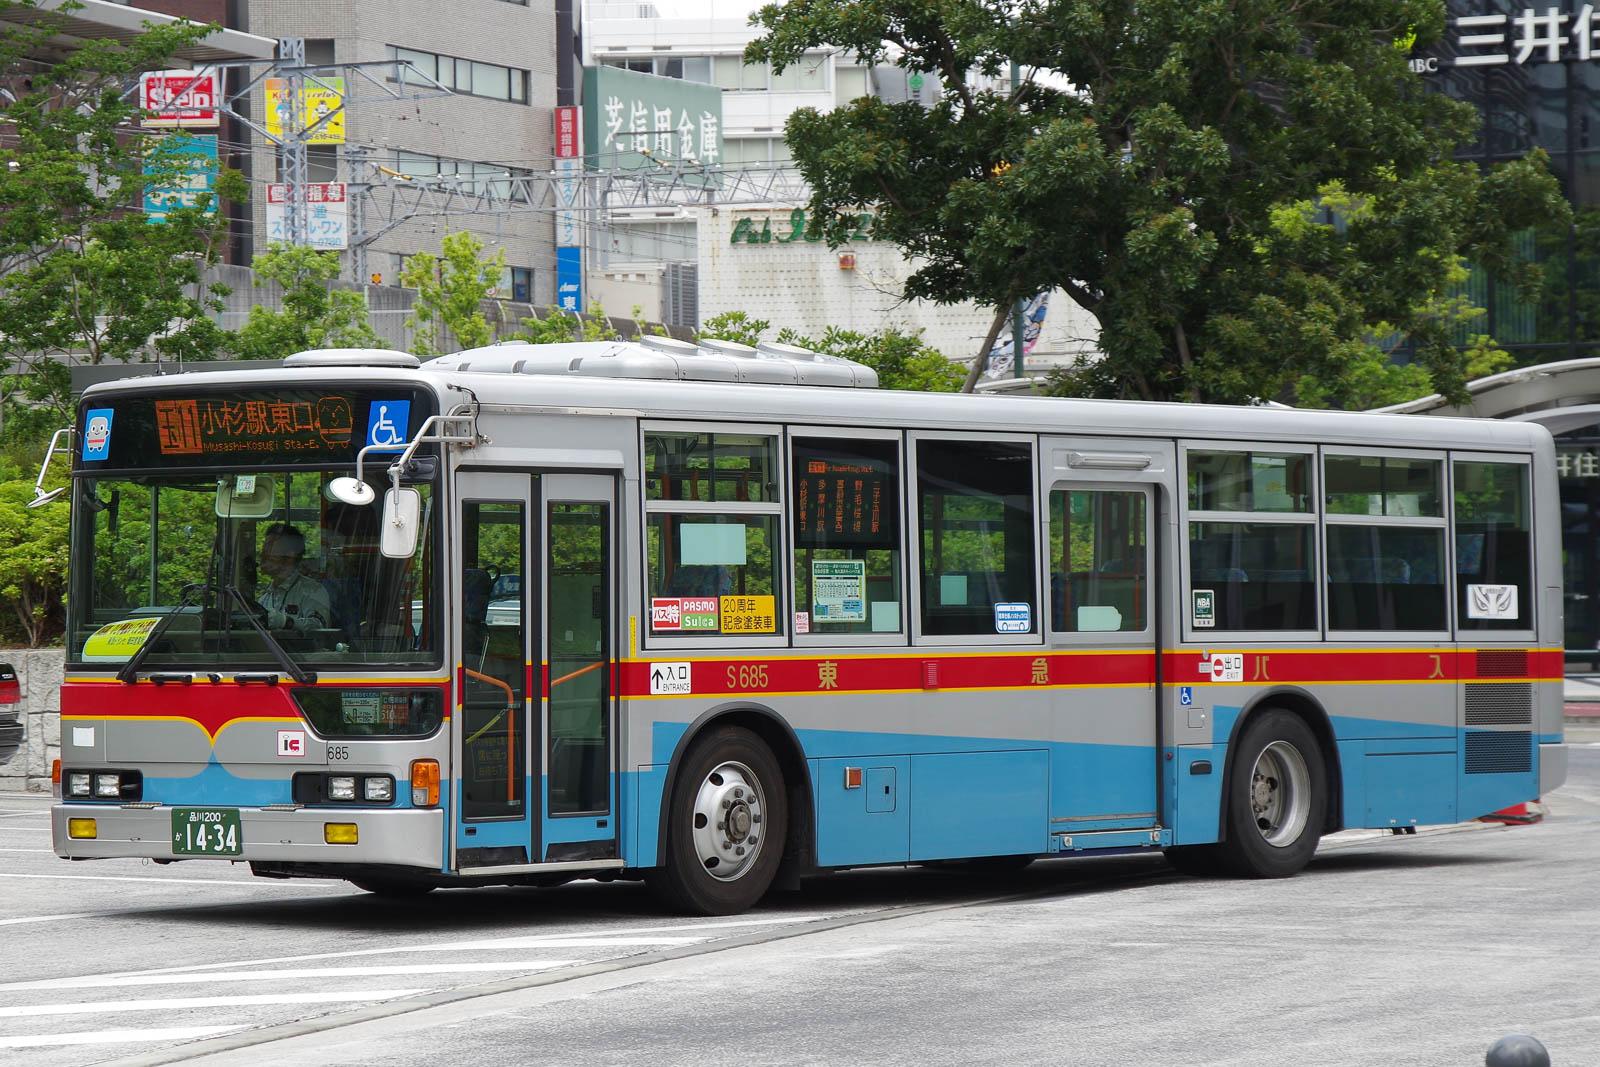 東急バス S685   路線バス車両ア...